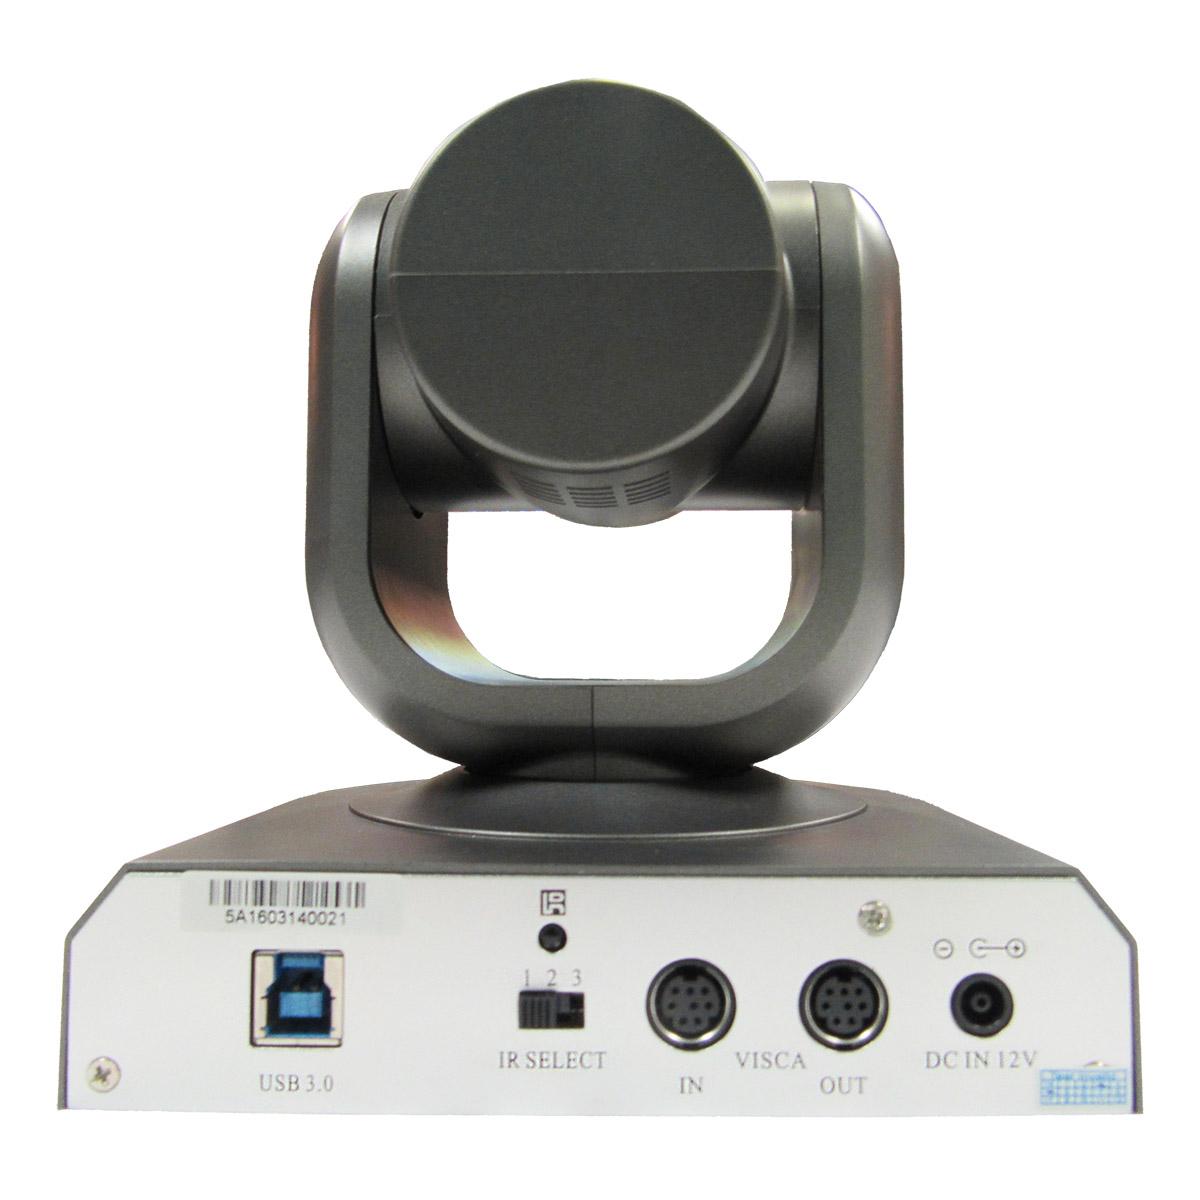 HC10X-GY-G3 Webcam back